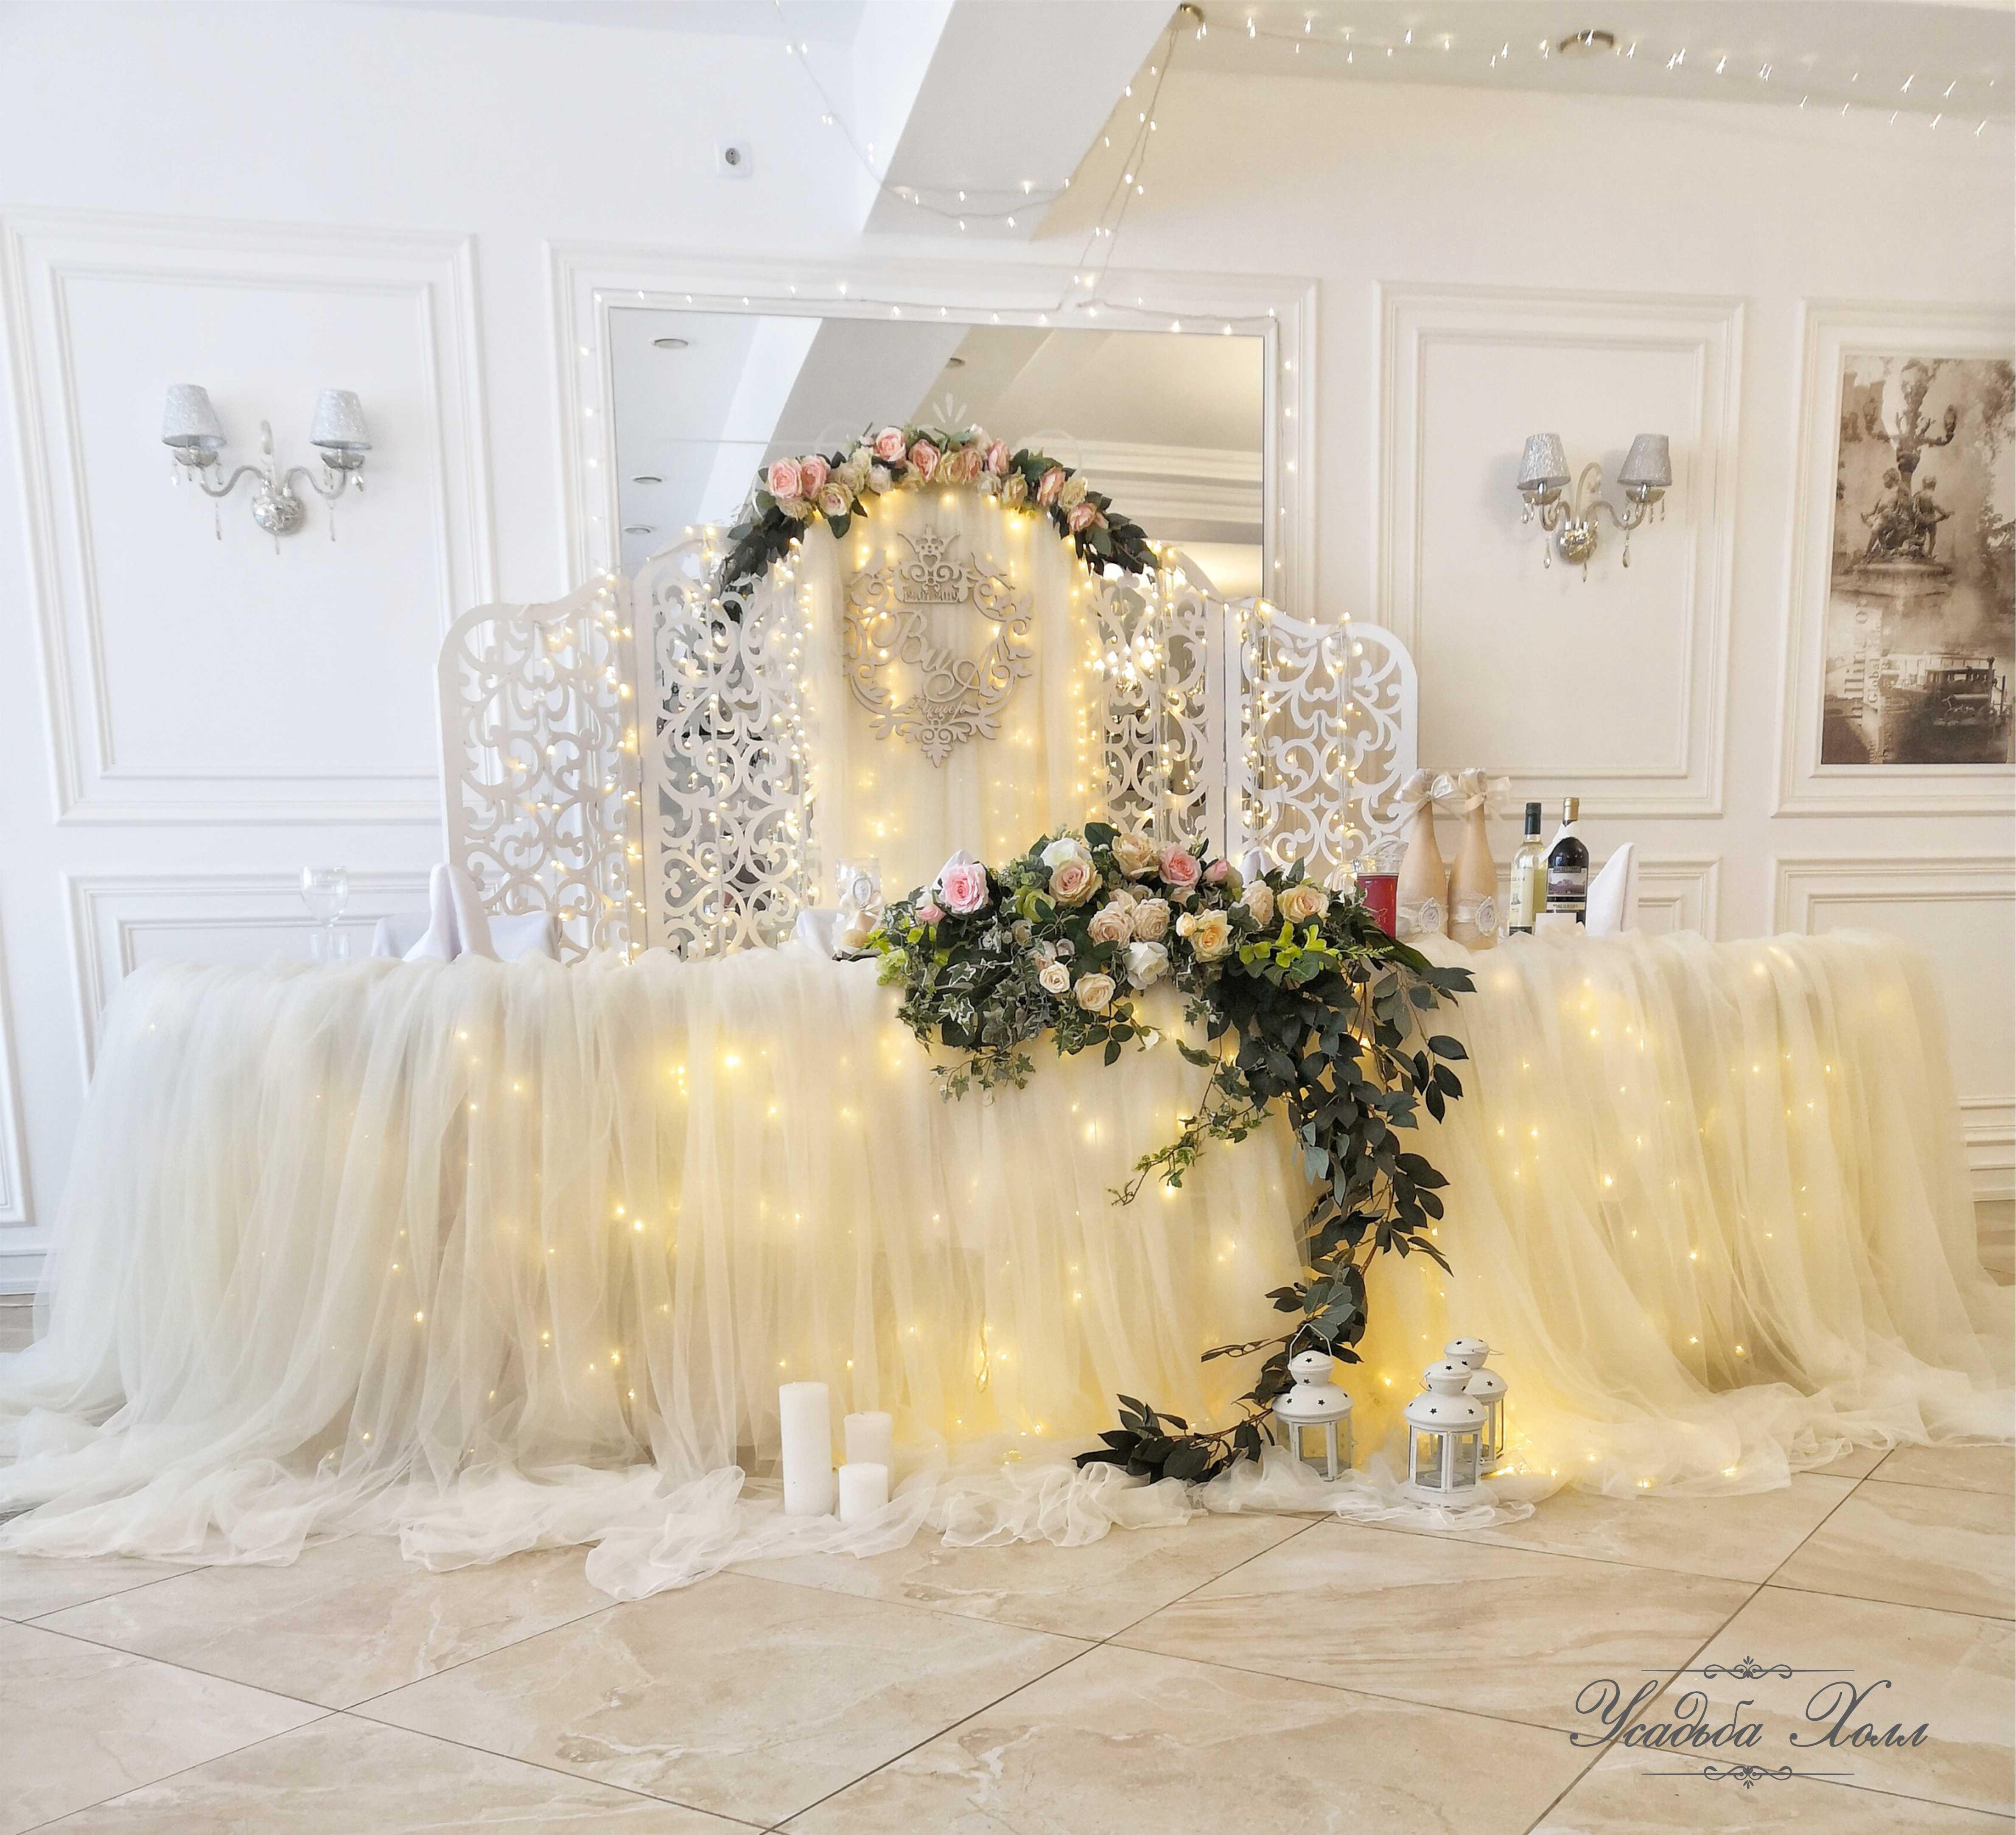 Нежное свадебное оформление банкетного зала Красноярск